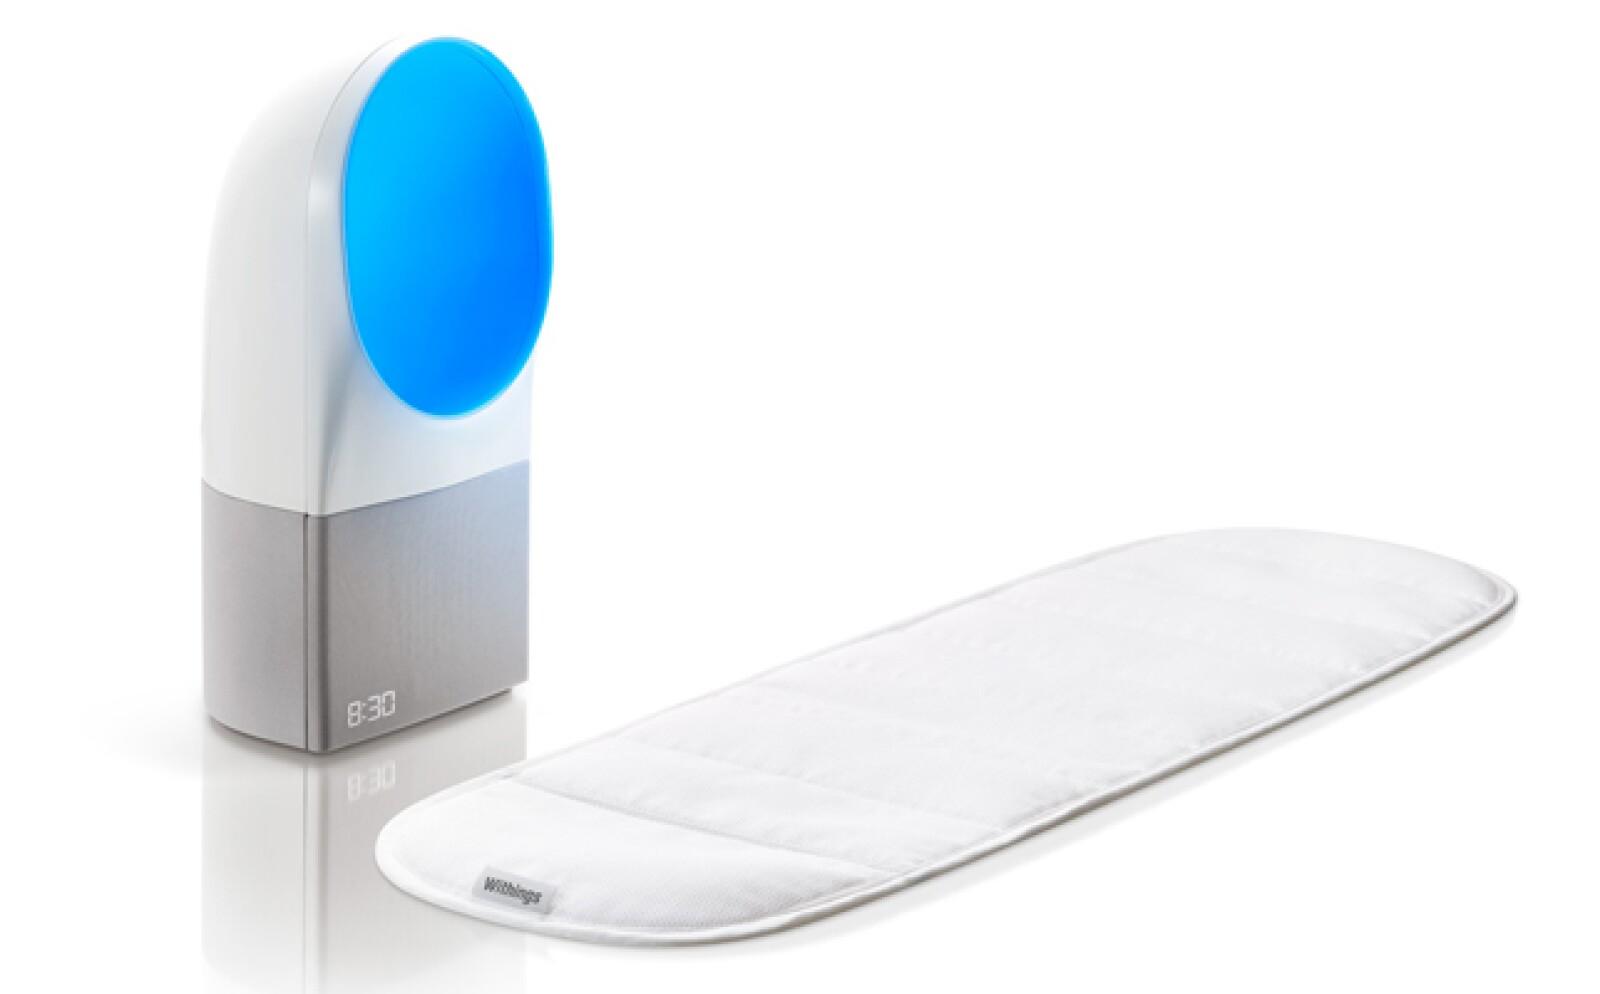 El  equipo Withings Aura mide el ruido, la temperatura y el nivel de luz durante la noche, además de tus movimientos y ritmos respiratorios, con la finalidad de mejorar tus ciclos de sueño.